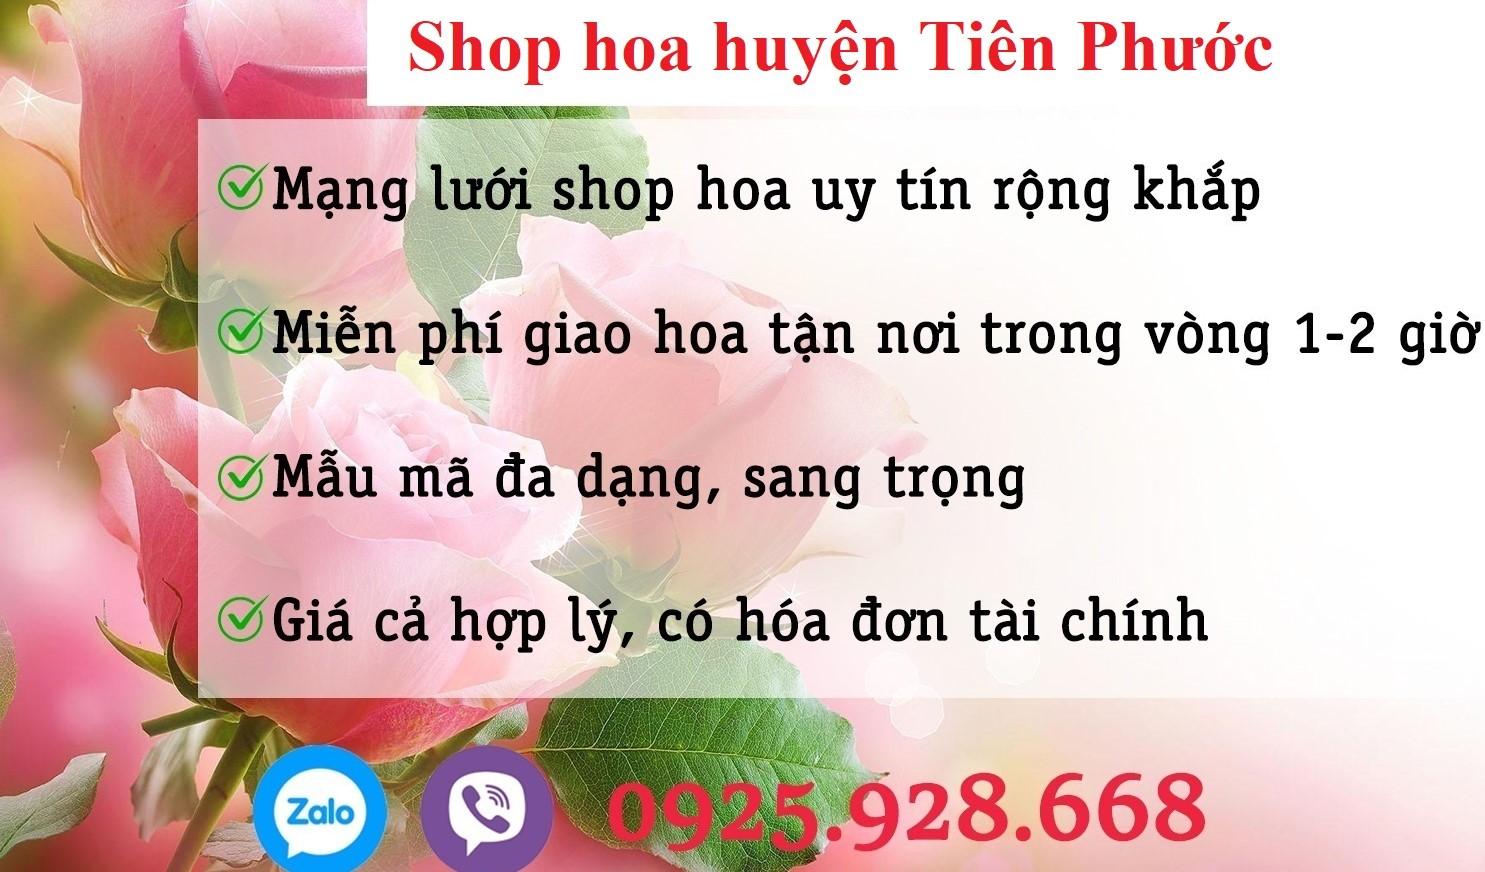 Shop hoa thị trấn Tiên Kỳ, huyện Tiên Phước